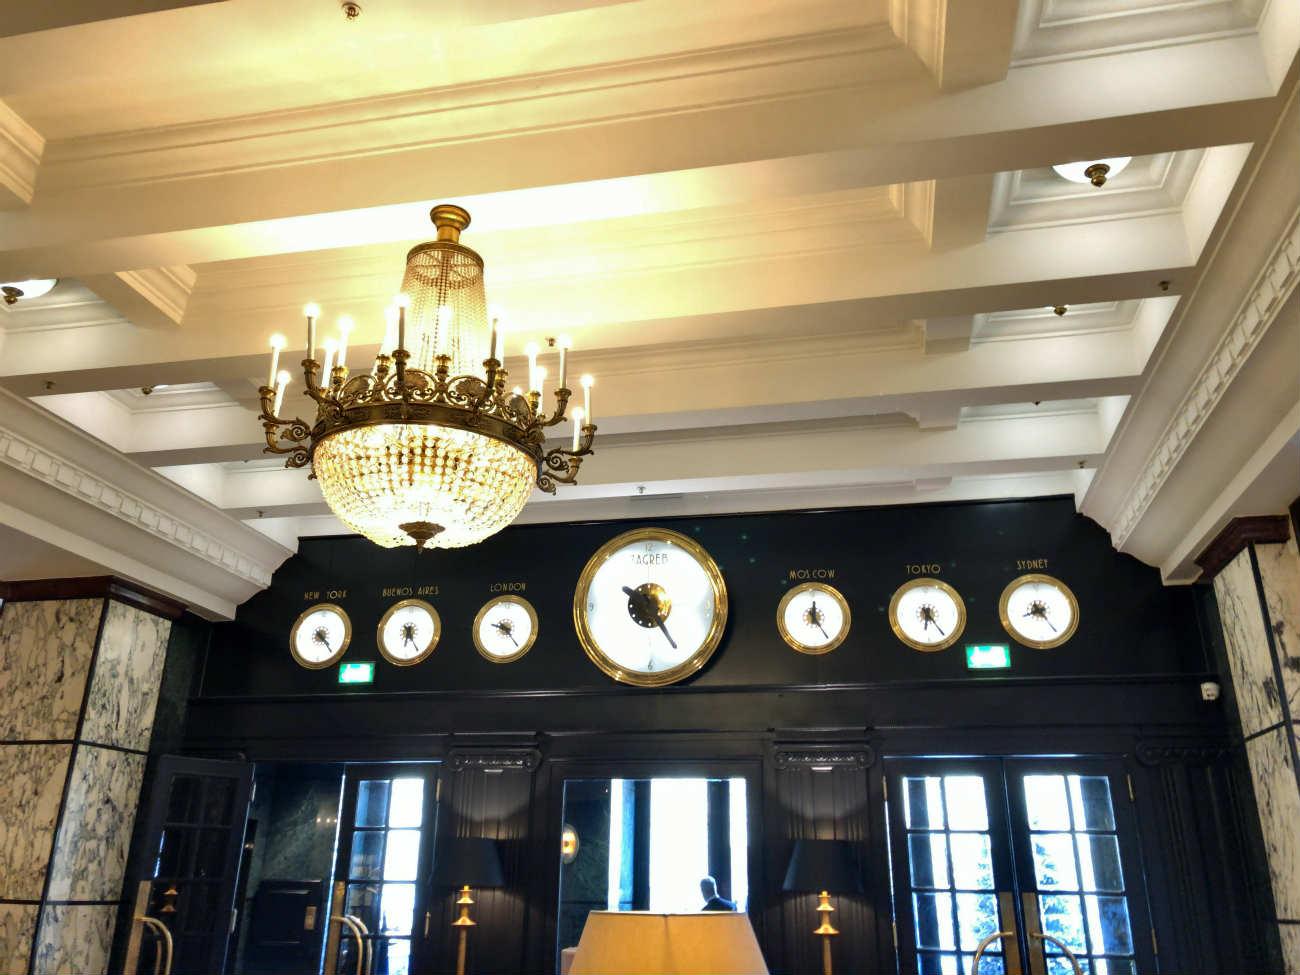 ホテル エスプレナーデのメインエントランス